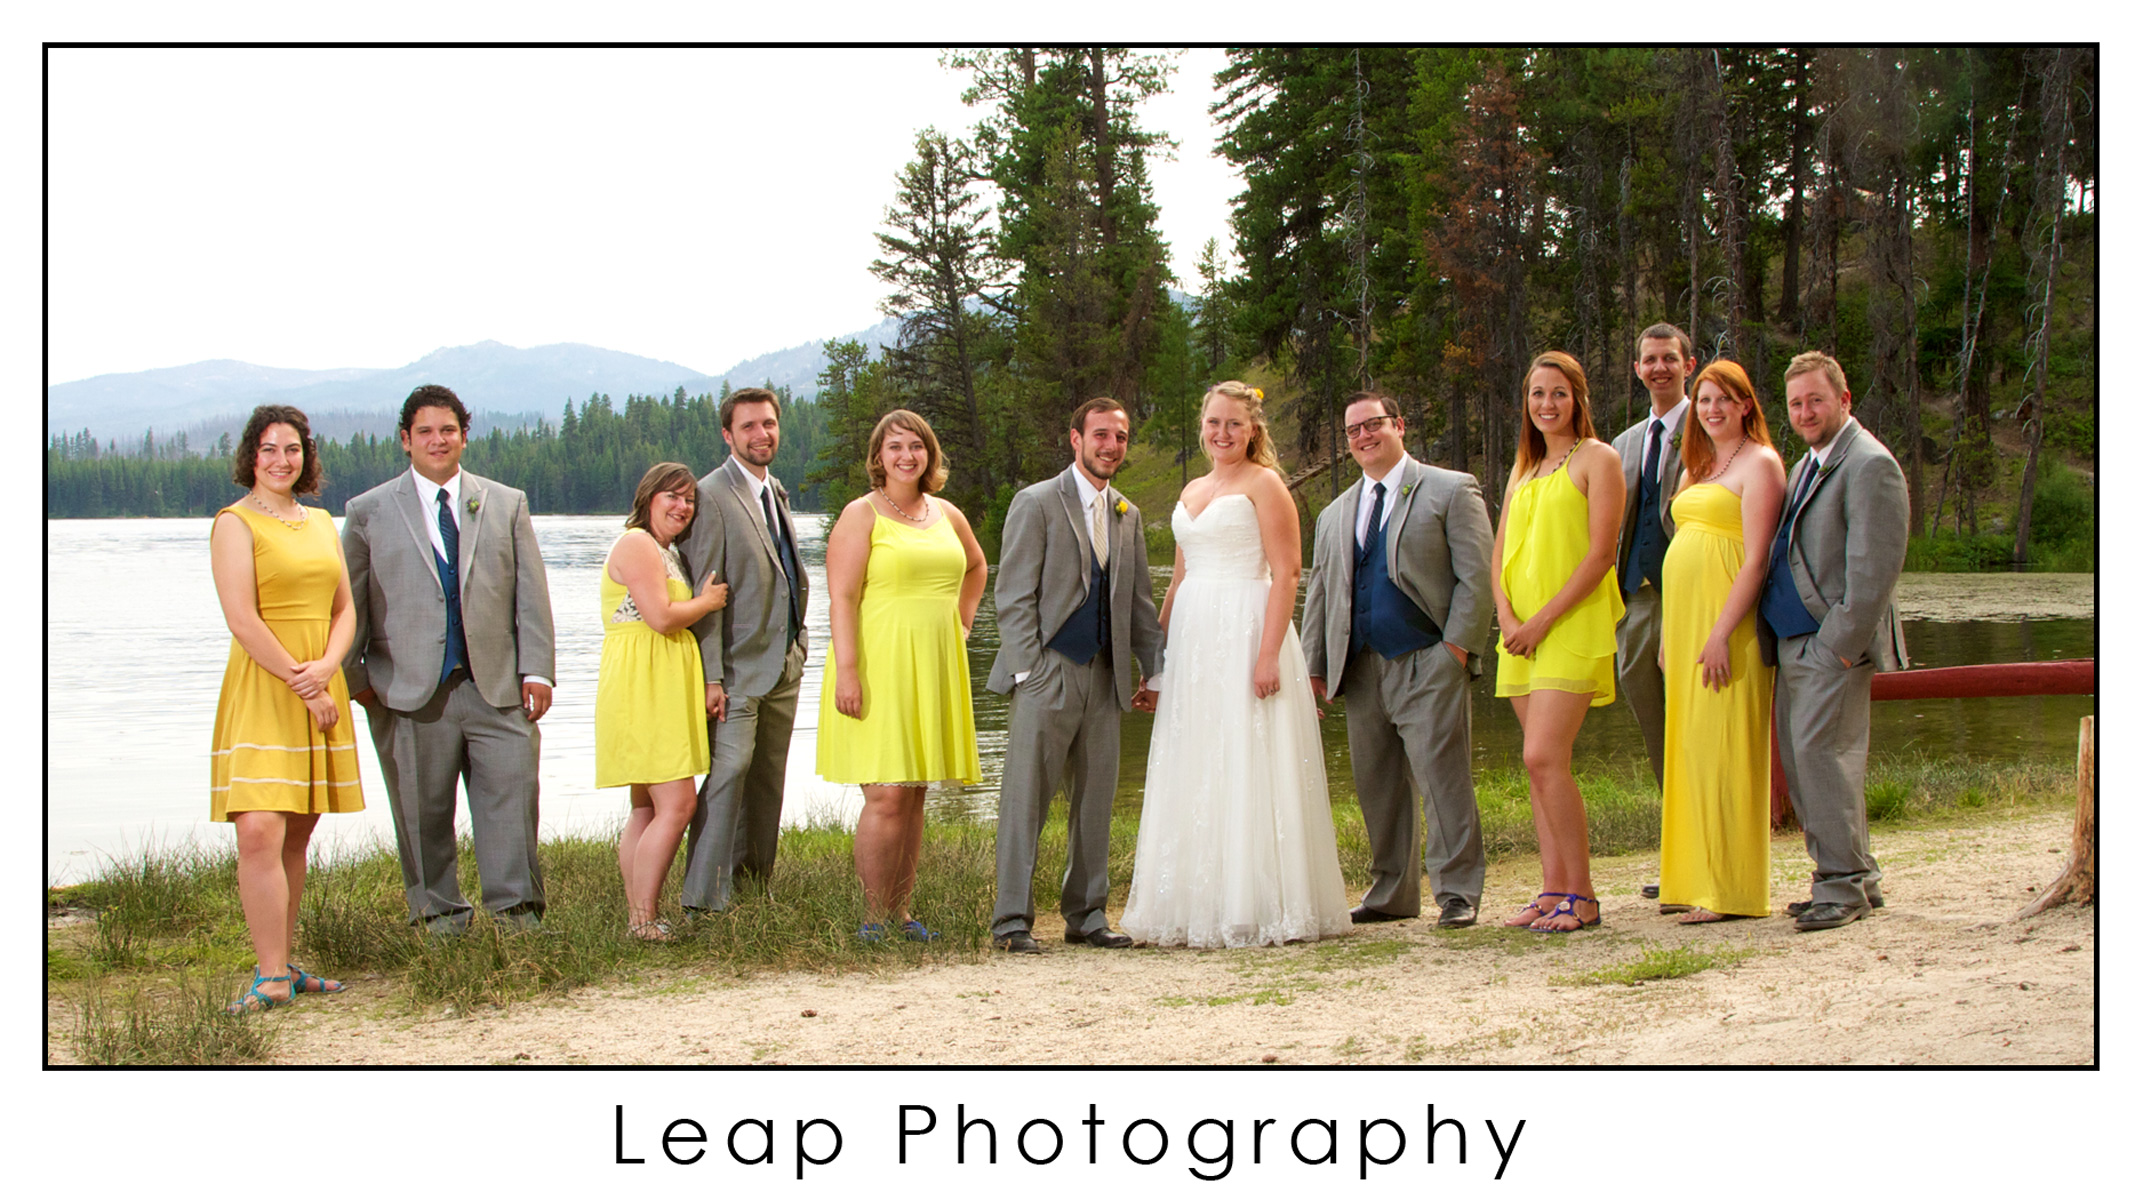 Boise_Idaho_Wedding-Photographers_Warm-Lake_008